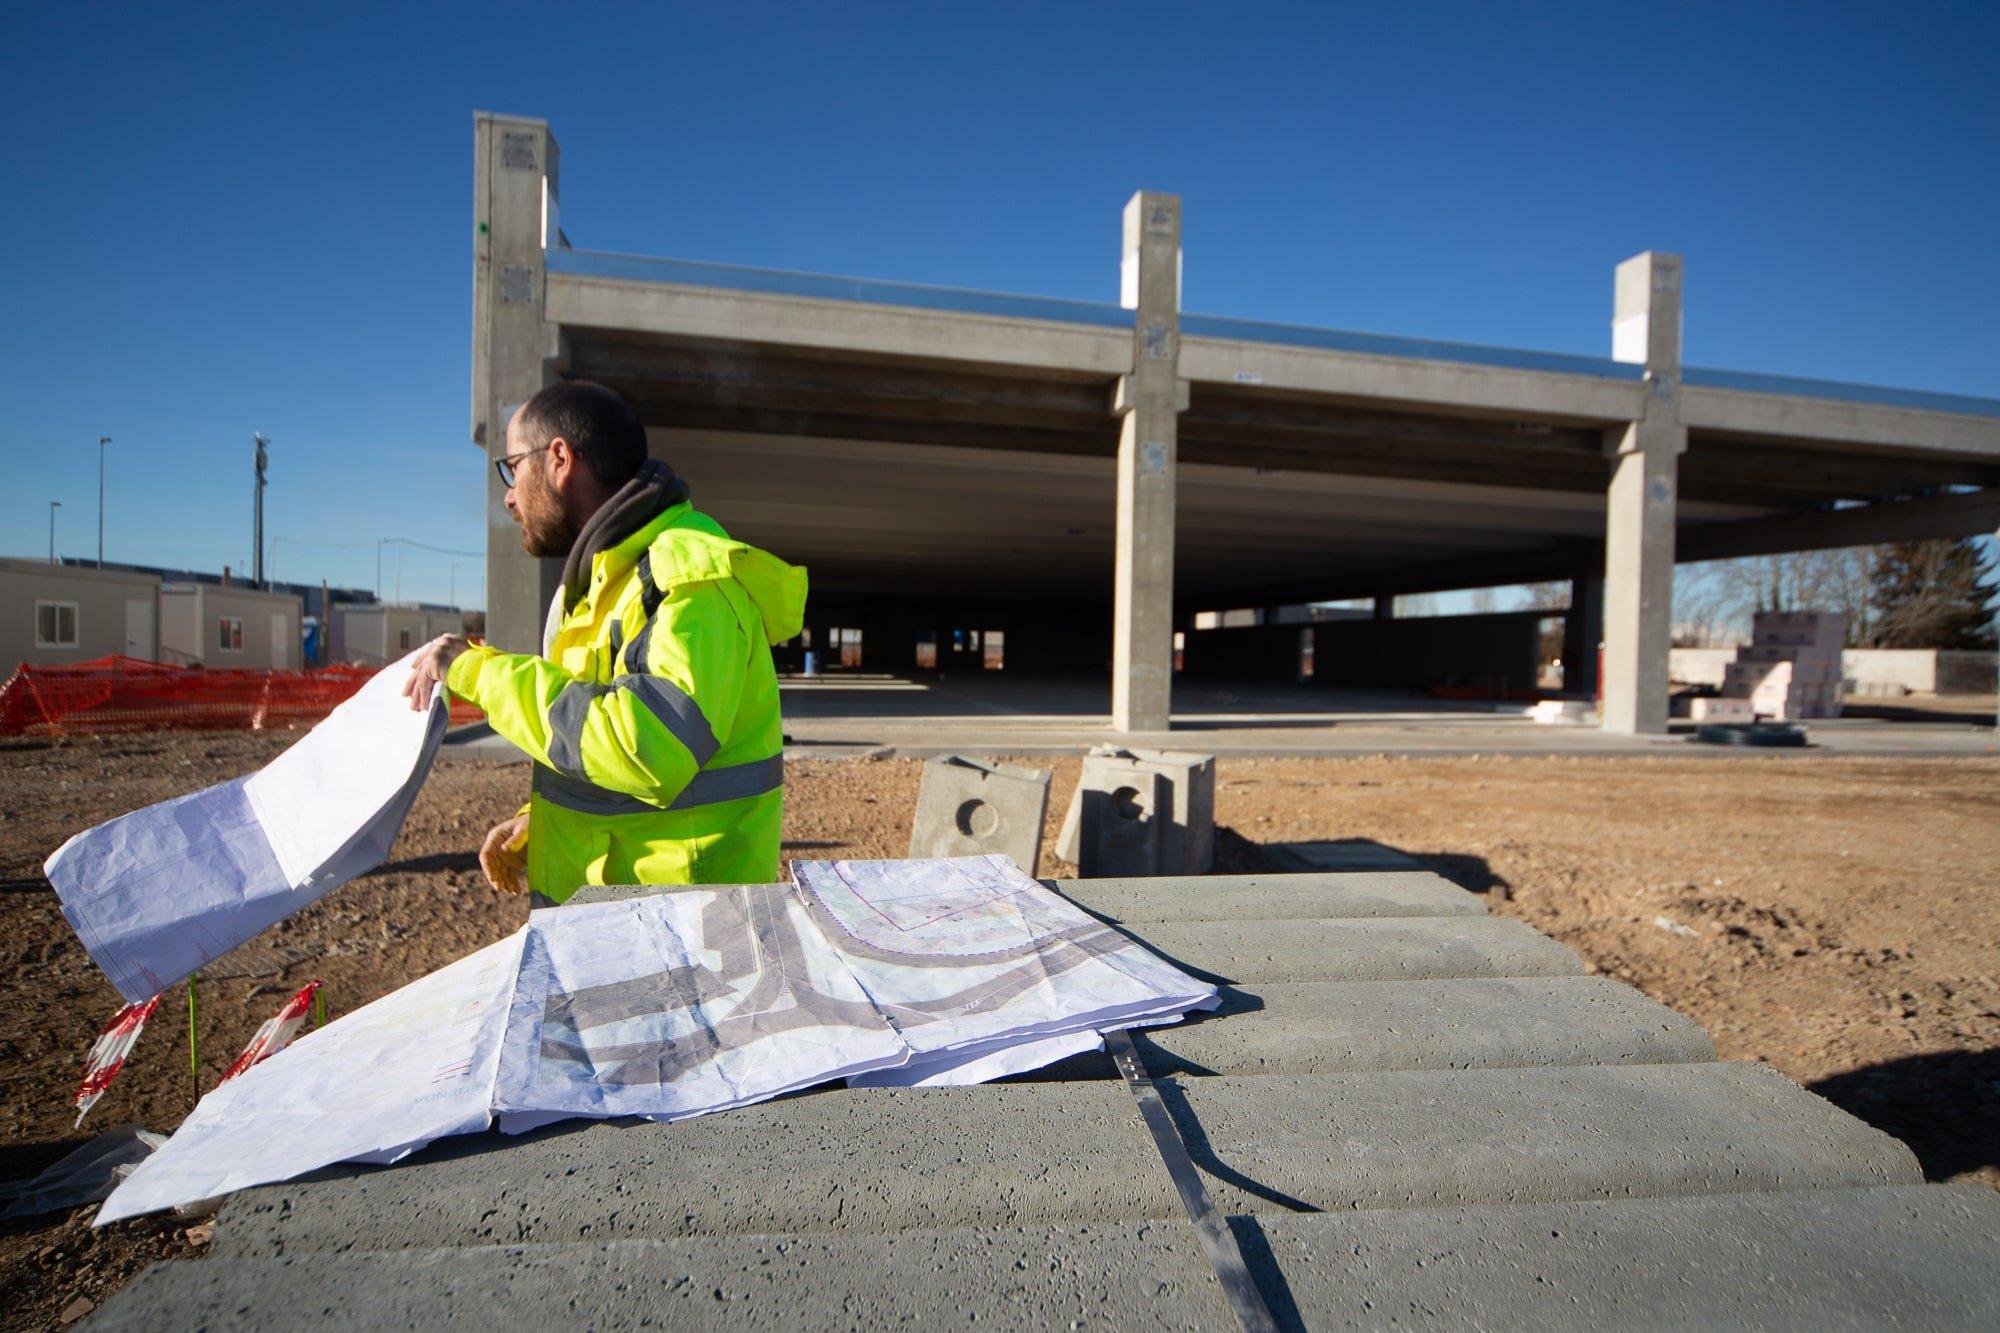 dipendente di bell project che illustra un progetto di un immobile all'interno di un cantiere e cura l'aspetto di ideazione e coordinamento progettuale dell'iniziativa immobiliare nella città di milano